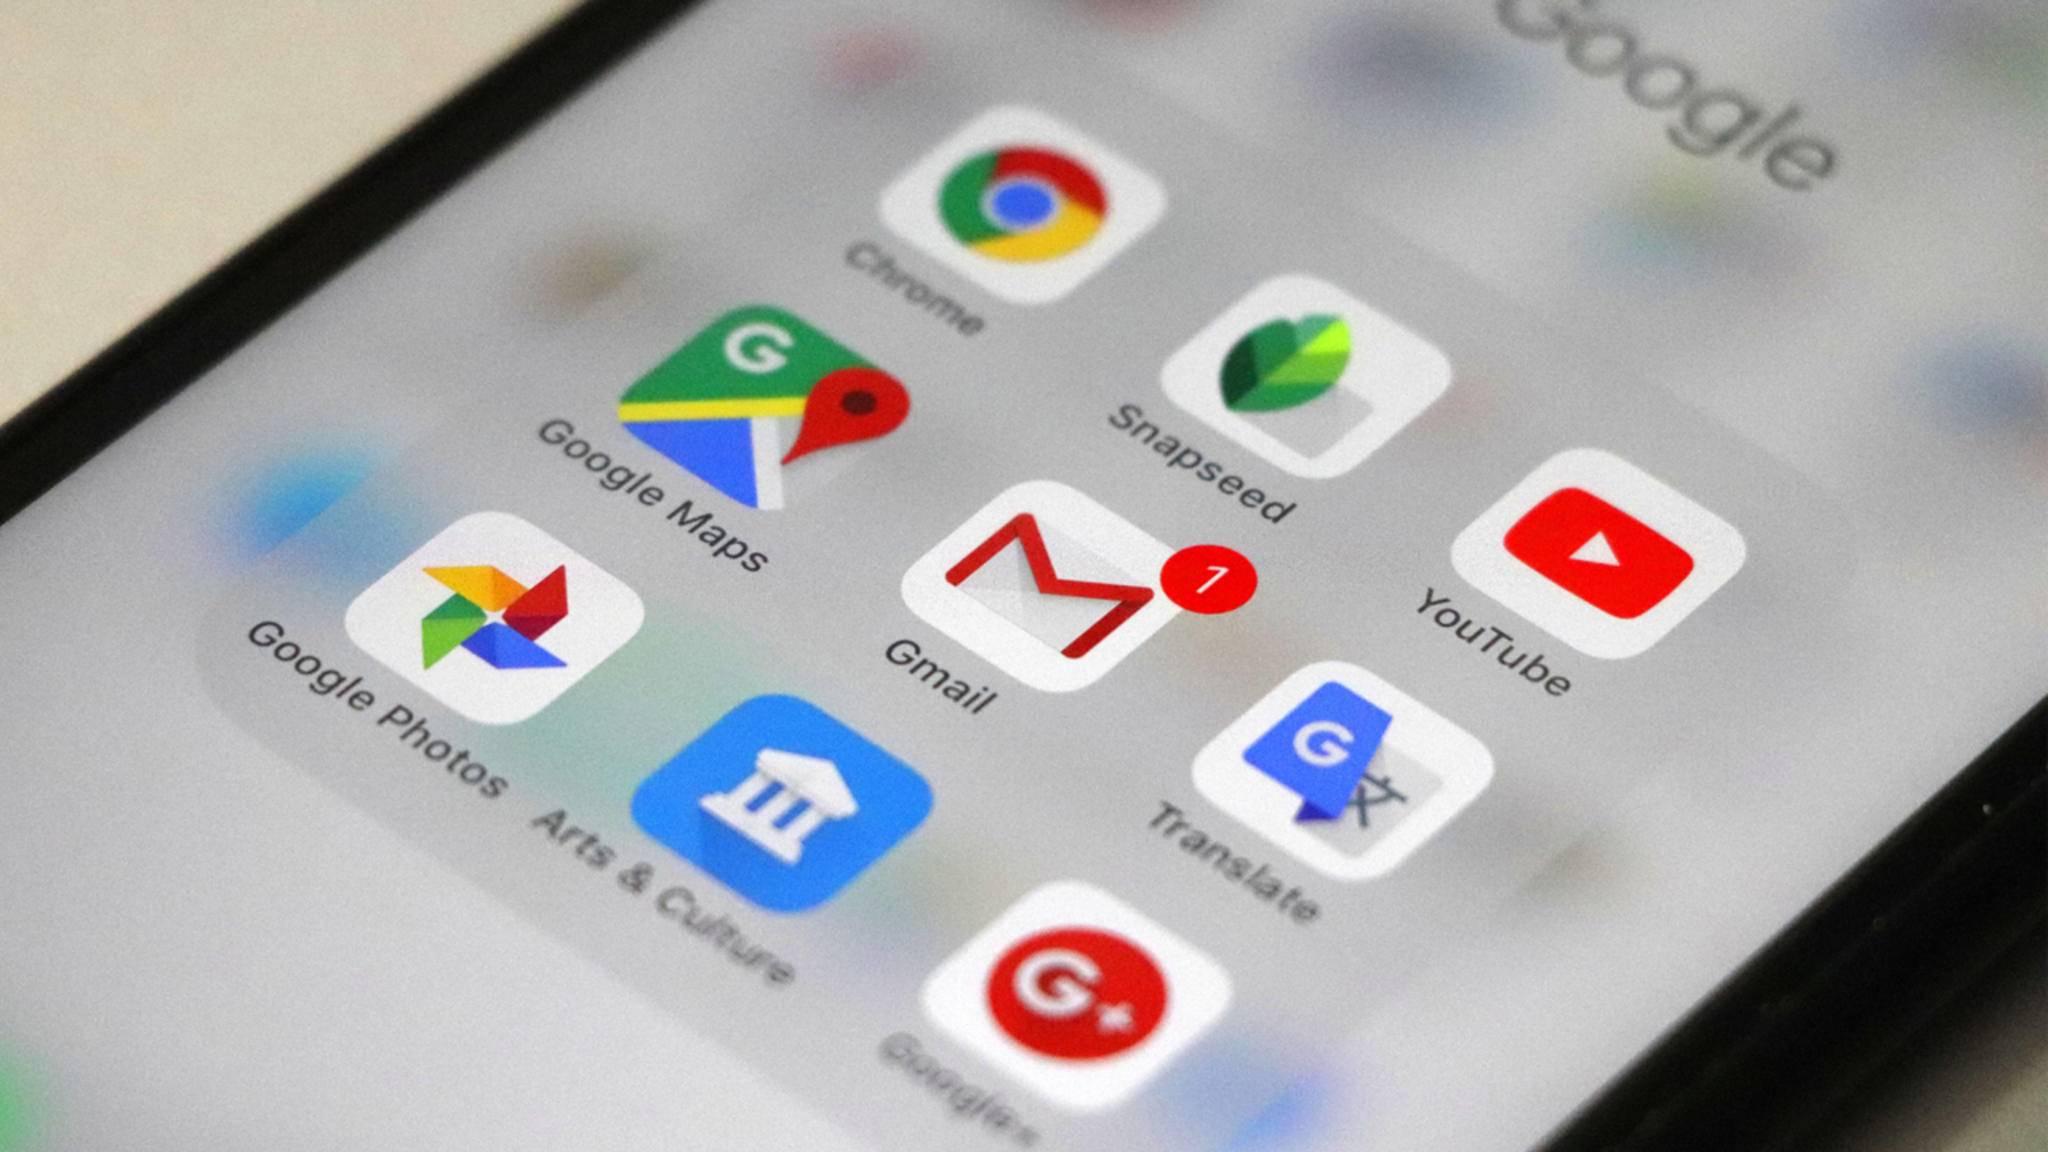 Google-Apps sind auf den meisten Smartphones zu finden – und sammeln oft fleißig Daten.